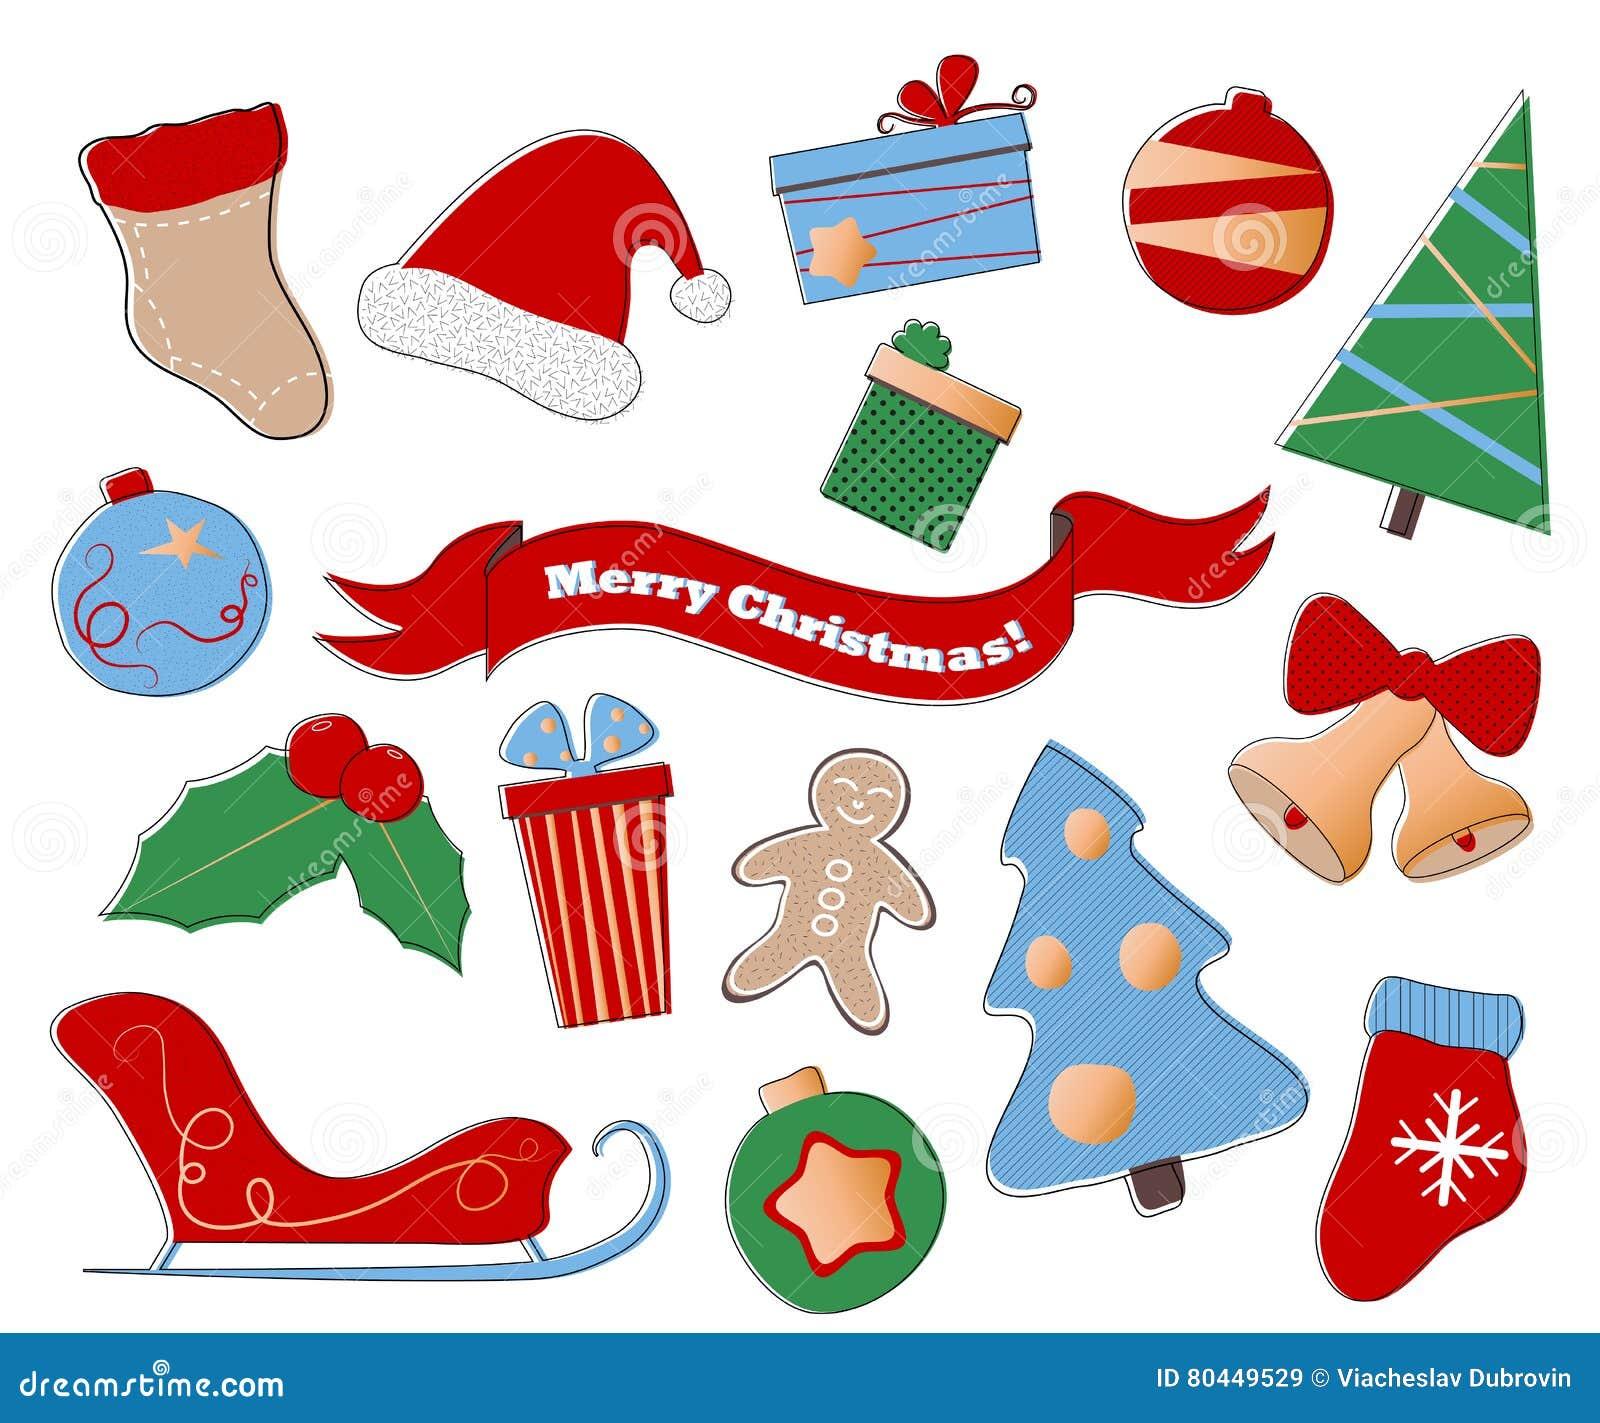 Frohe Weihnachten Clipart Festlicher Satz Winterurlaubikonen Auf ...